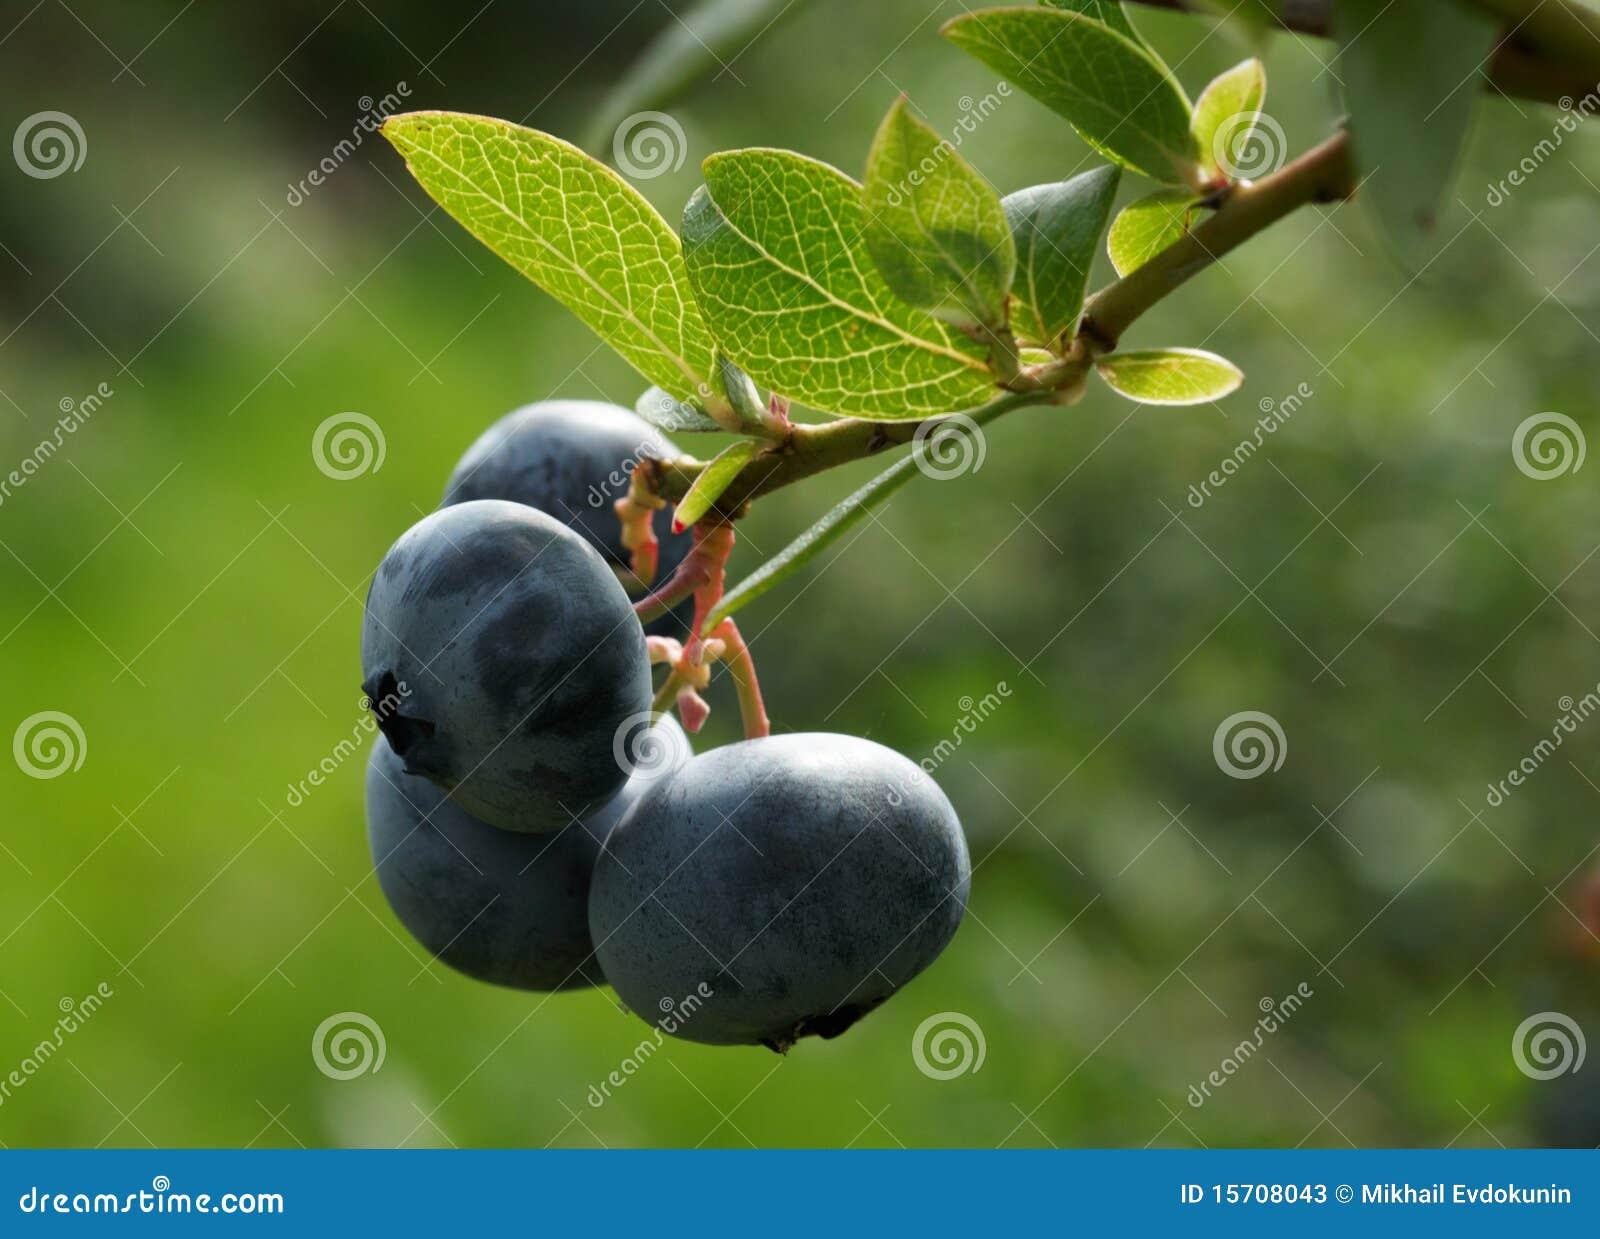 1浆果蓝莓灌木